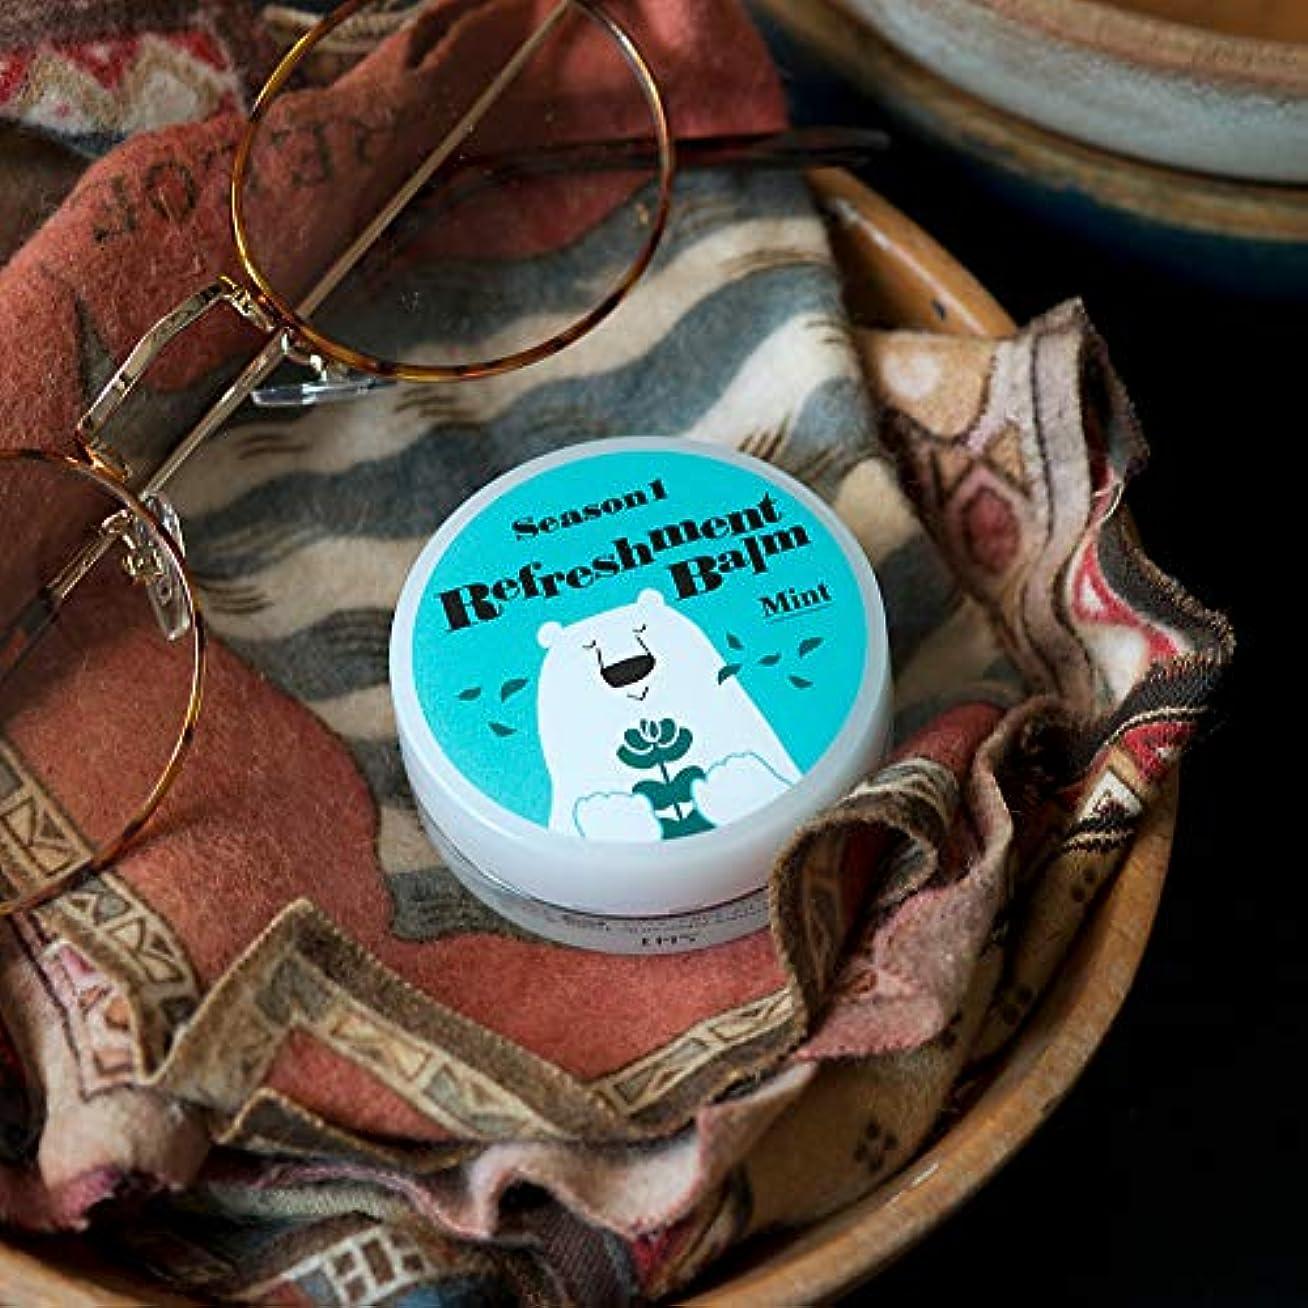 失われた不均一知性(美健)BIKEN カサカサ鼻にひと塗り リフレッシュメントバーム ミント エッセンシャルオイル(精油)のみで香り付け